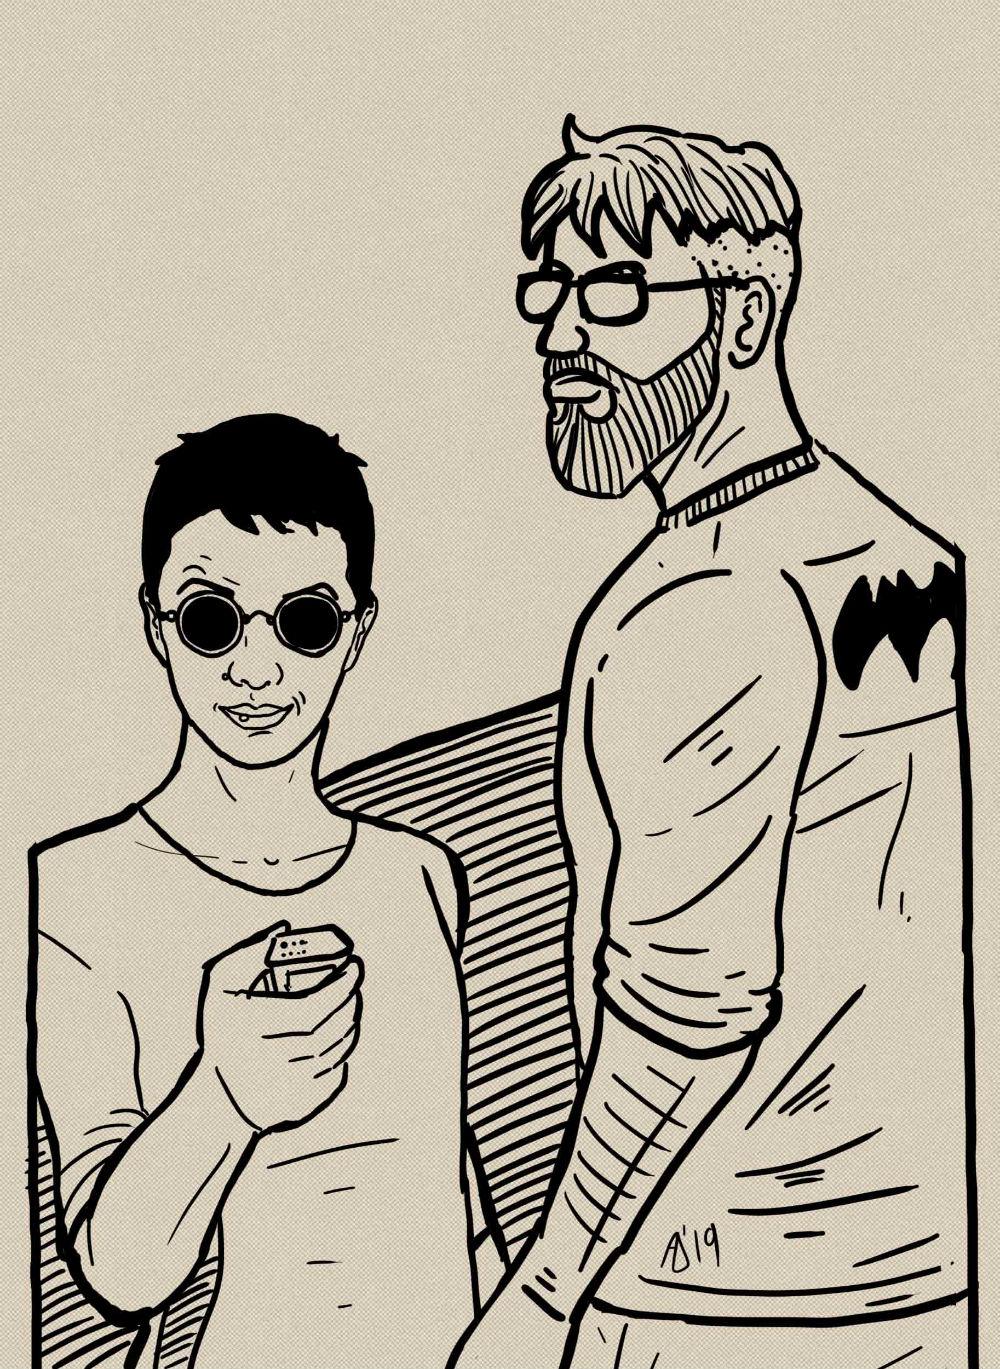 ekskluzivna ilustracija nacrtana za ovaj intervju / Besima Svraka, urednica FBL i Admir Delić, ilustrator